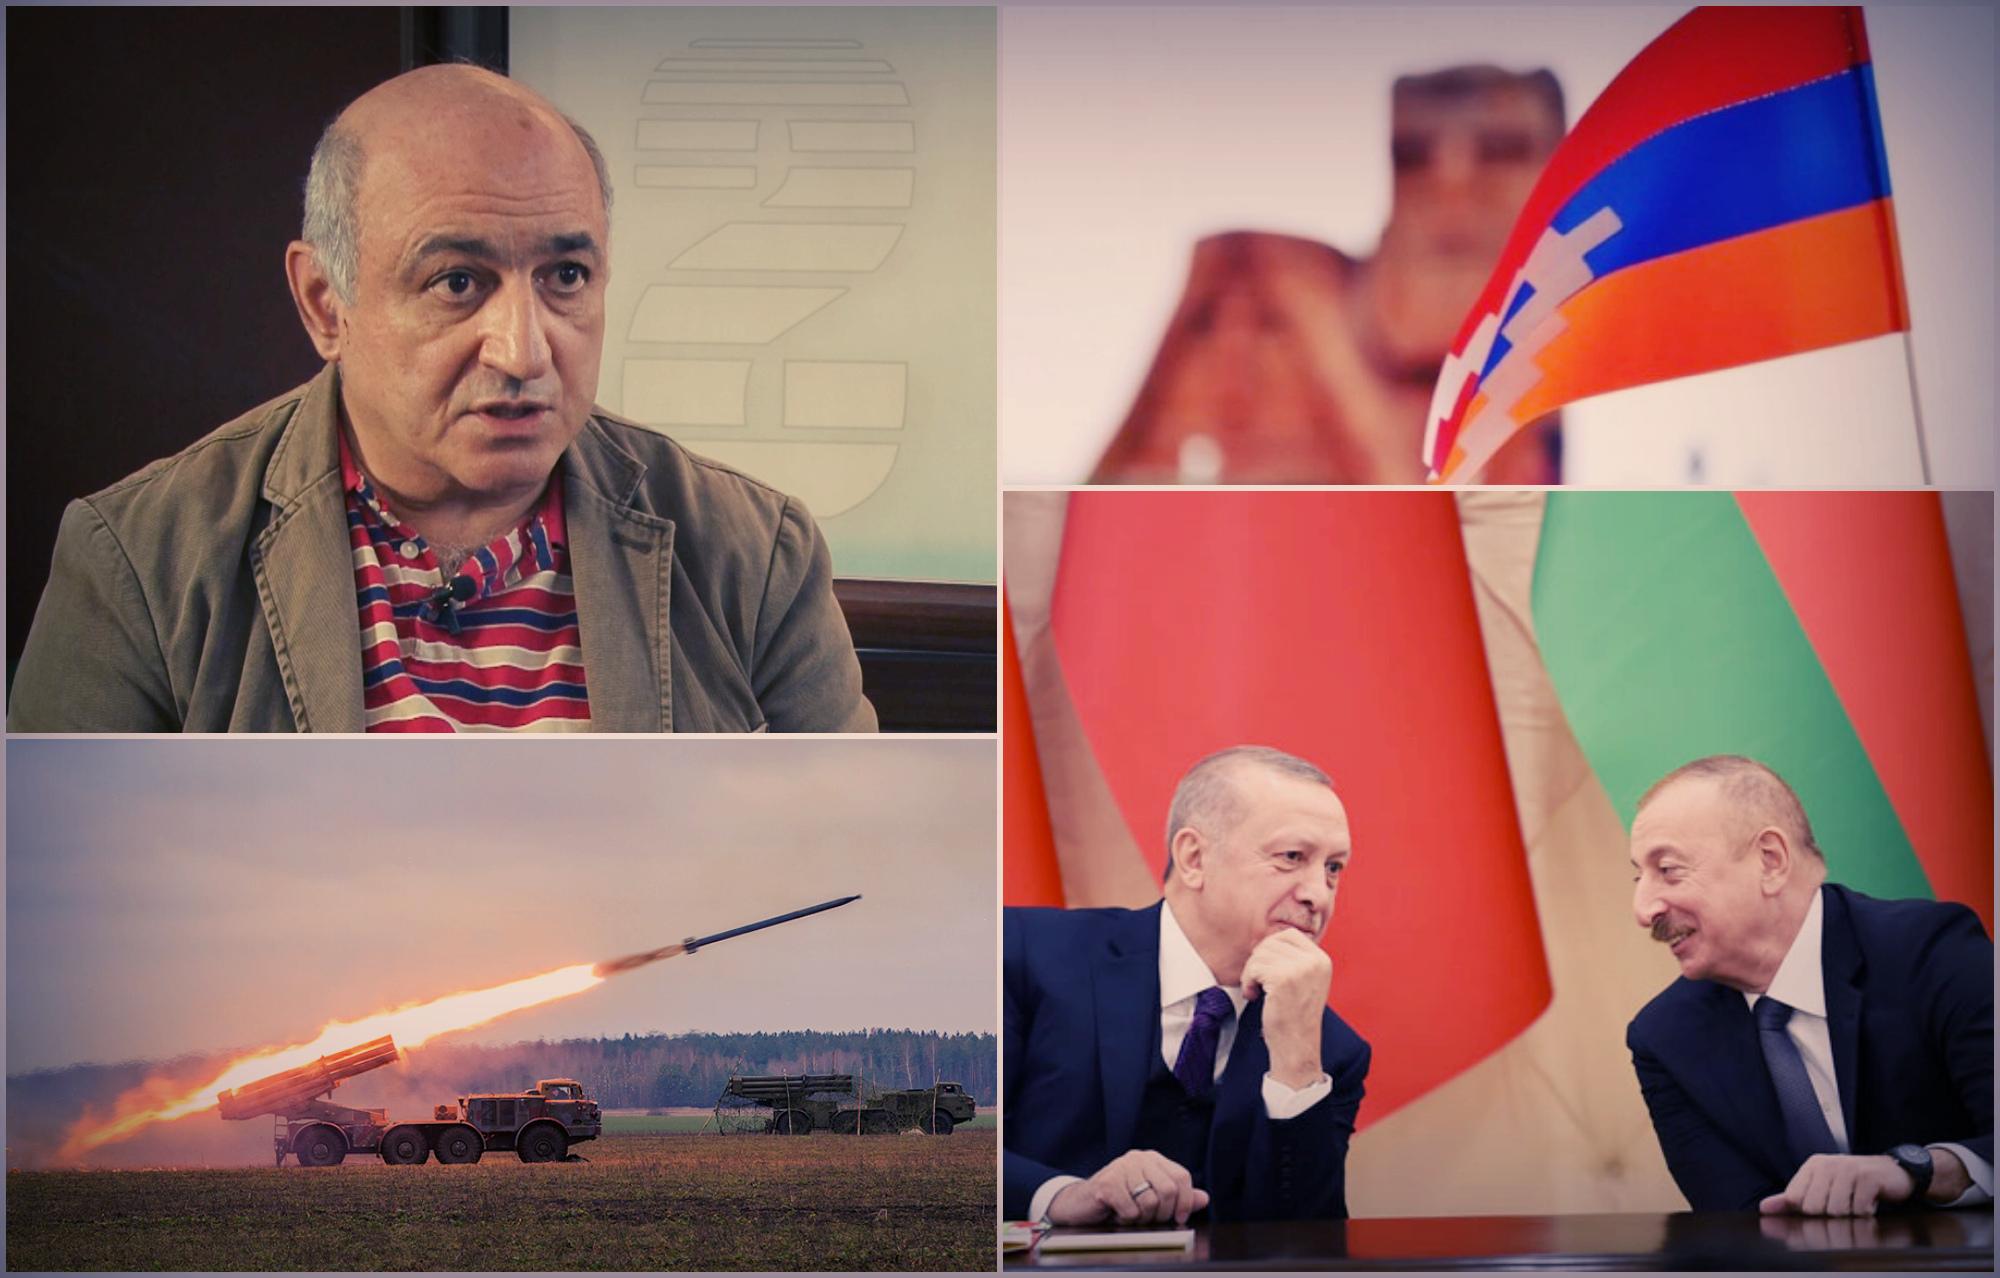 Photo of «Այո, աշխարհն ակնհայտորեն հապաղում է, բայց աշխարհը նաև չգիտի՝ ինչ անել Թուրքիայի հետ, որը ոչինչ չի կորցնում, այլ միայն շահում է»